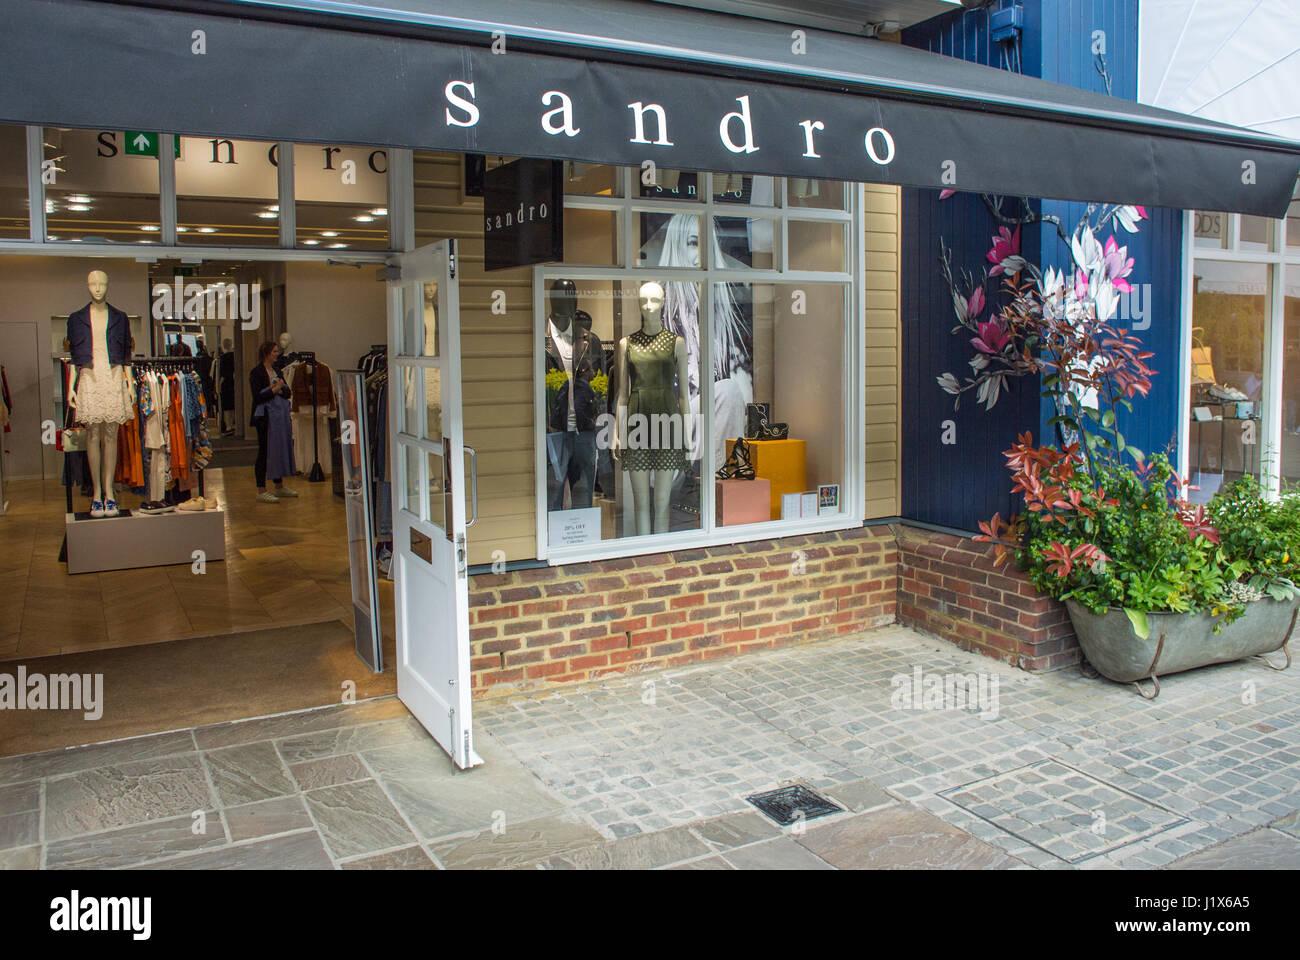 rivenditore all'ingrosso 63bcb 9d8b1 Sandro negozio di abbigliamento retail store REGNO UNITO ...